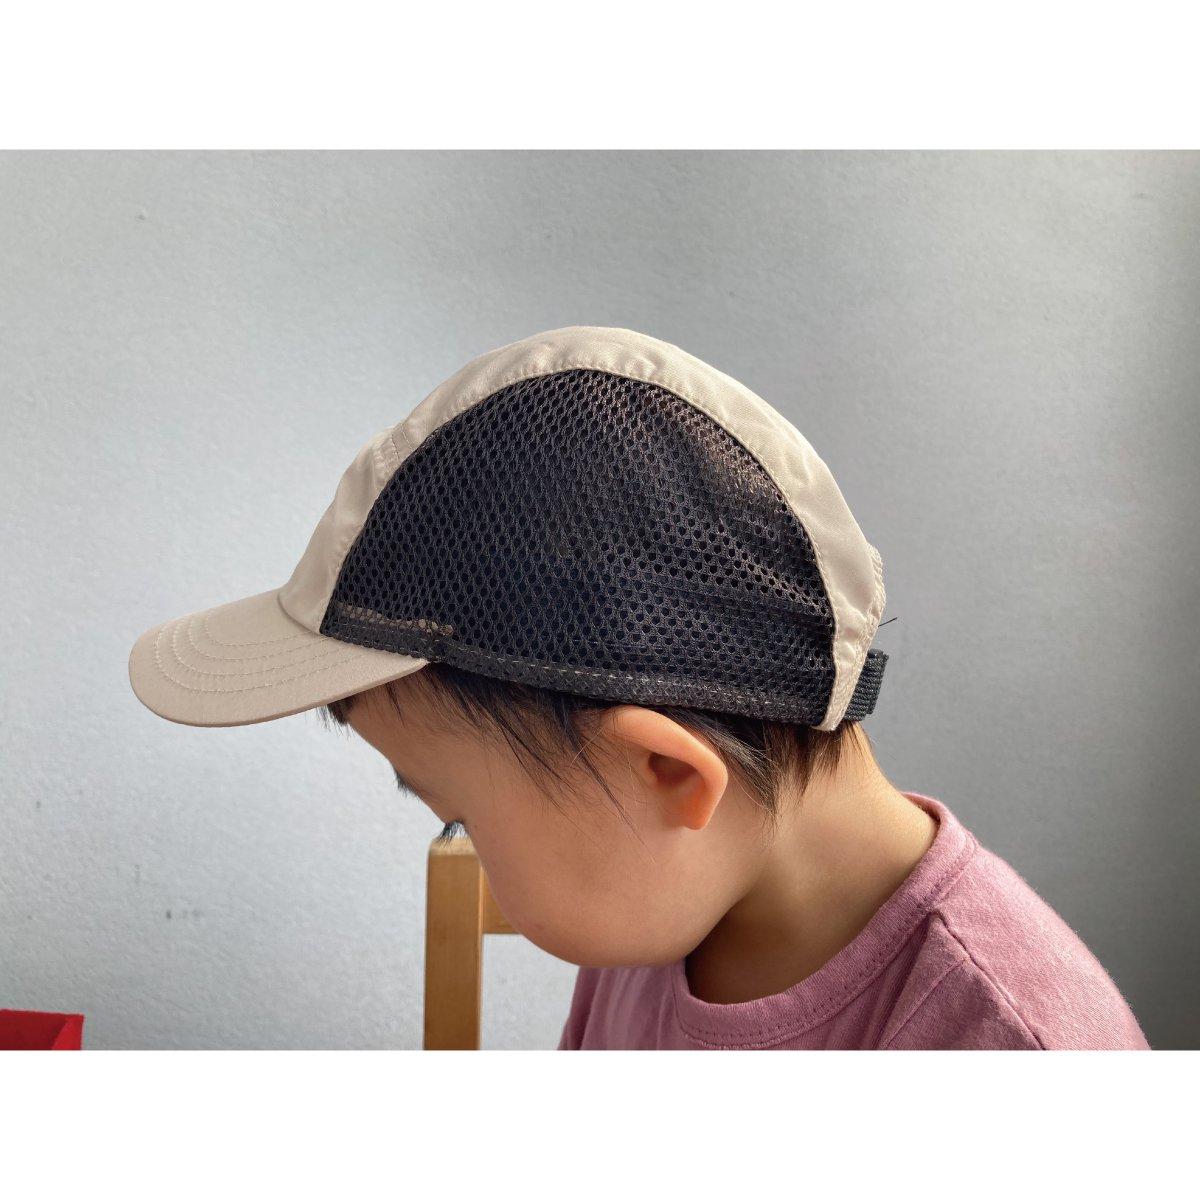 【KIDS】Kids Gear Jet Cap 詳細画像16